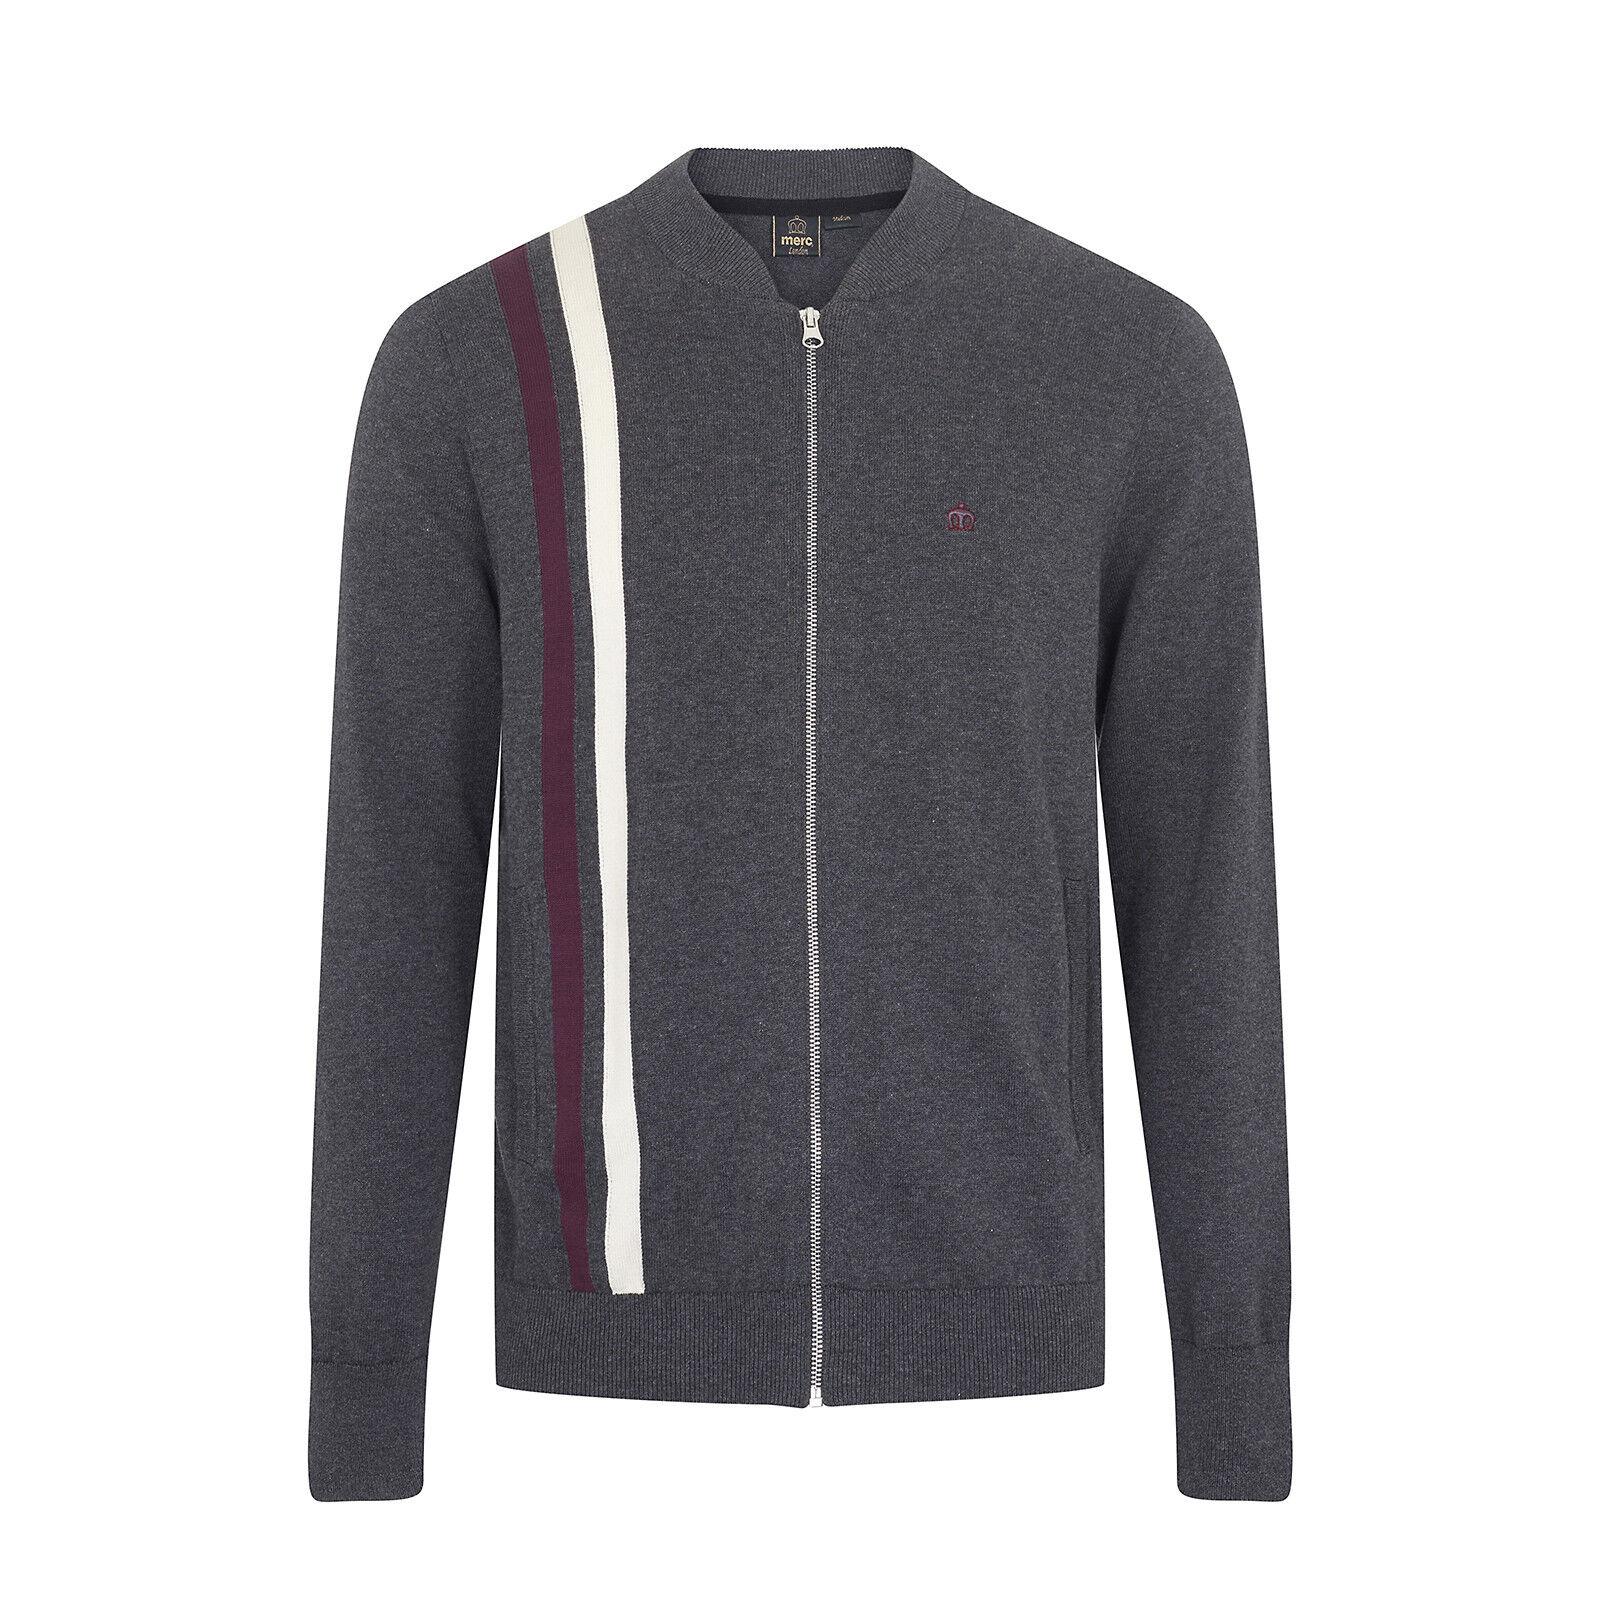 Da uomo Merc London modello retrò Zip Cardigan lavorato a maglia maglione Fenby